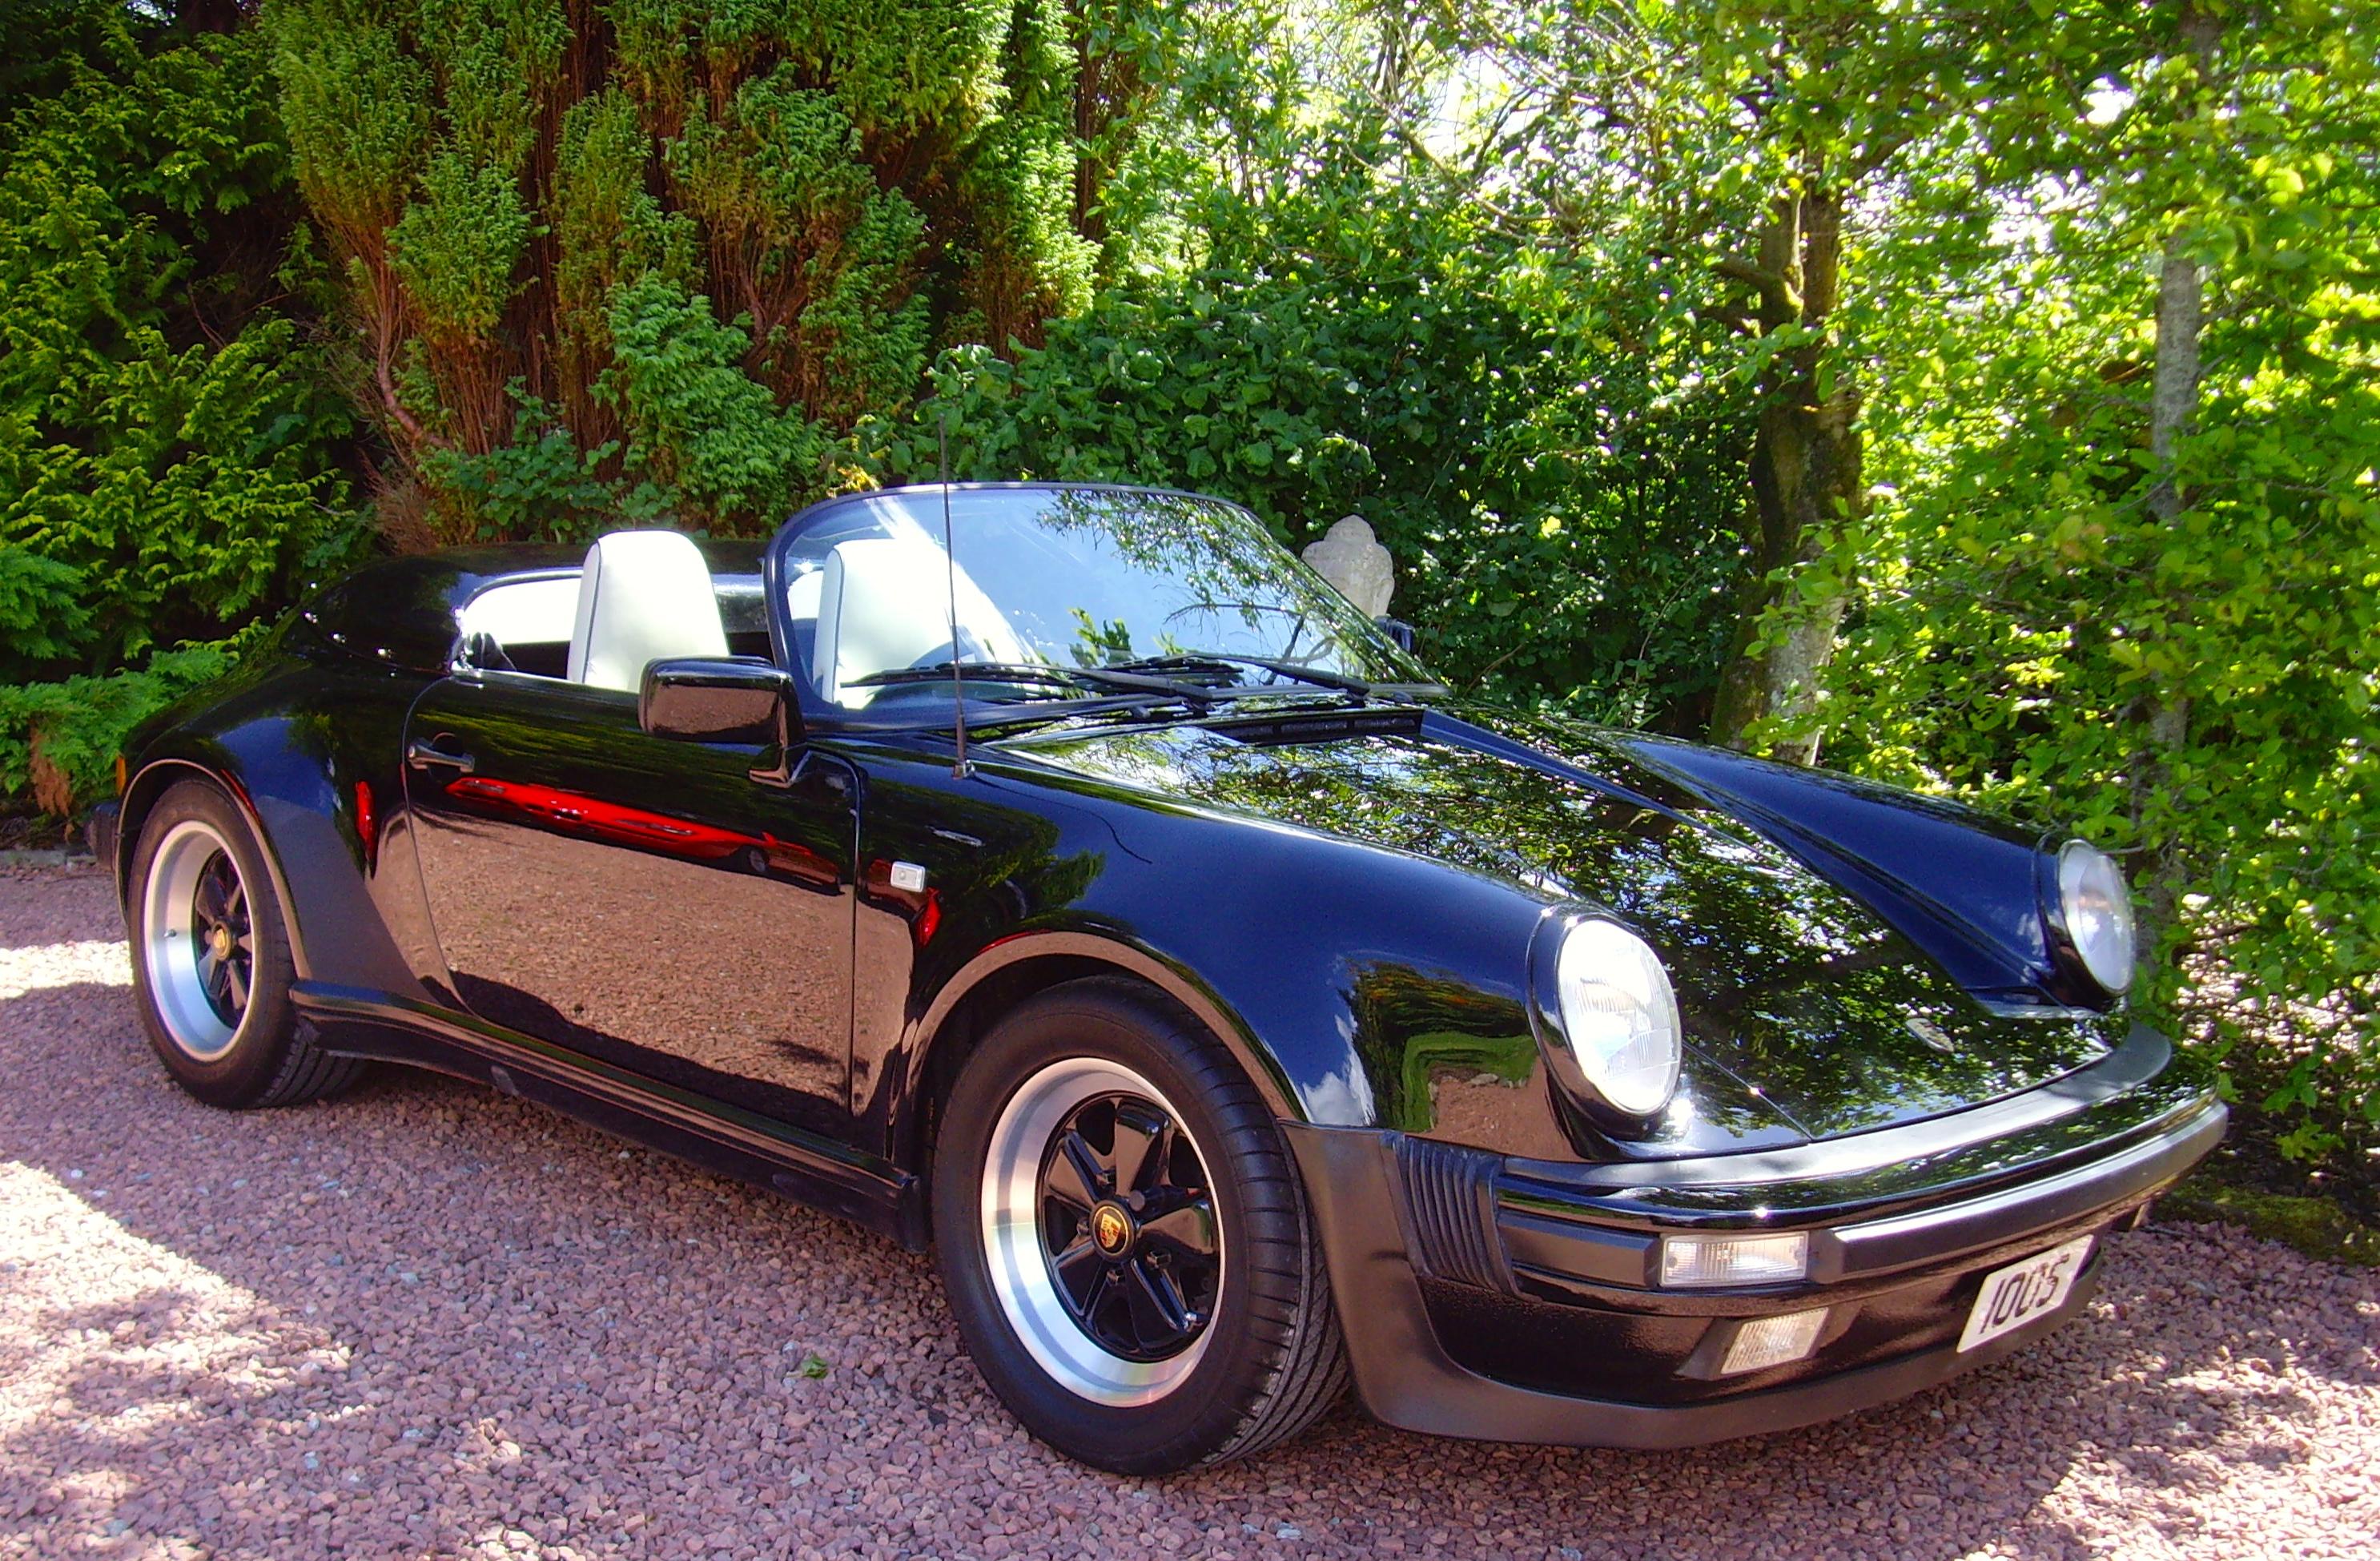 Porsche 911 Speedster Rhd Border Reiversborder Reivers